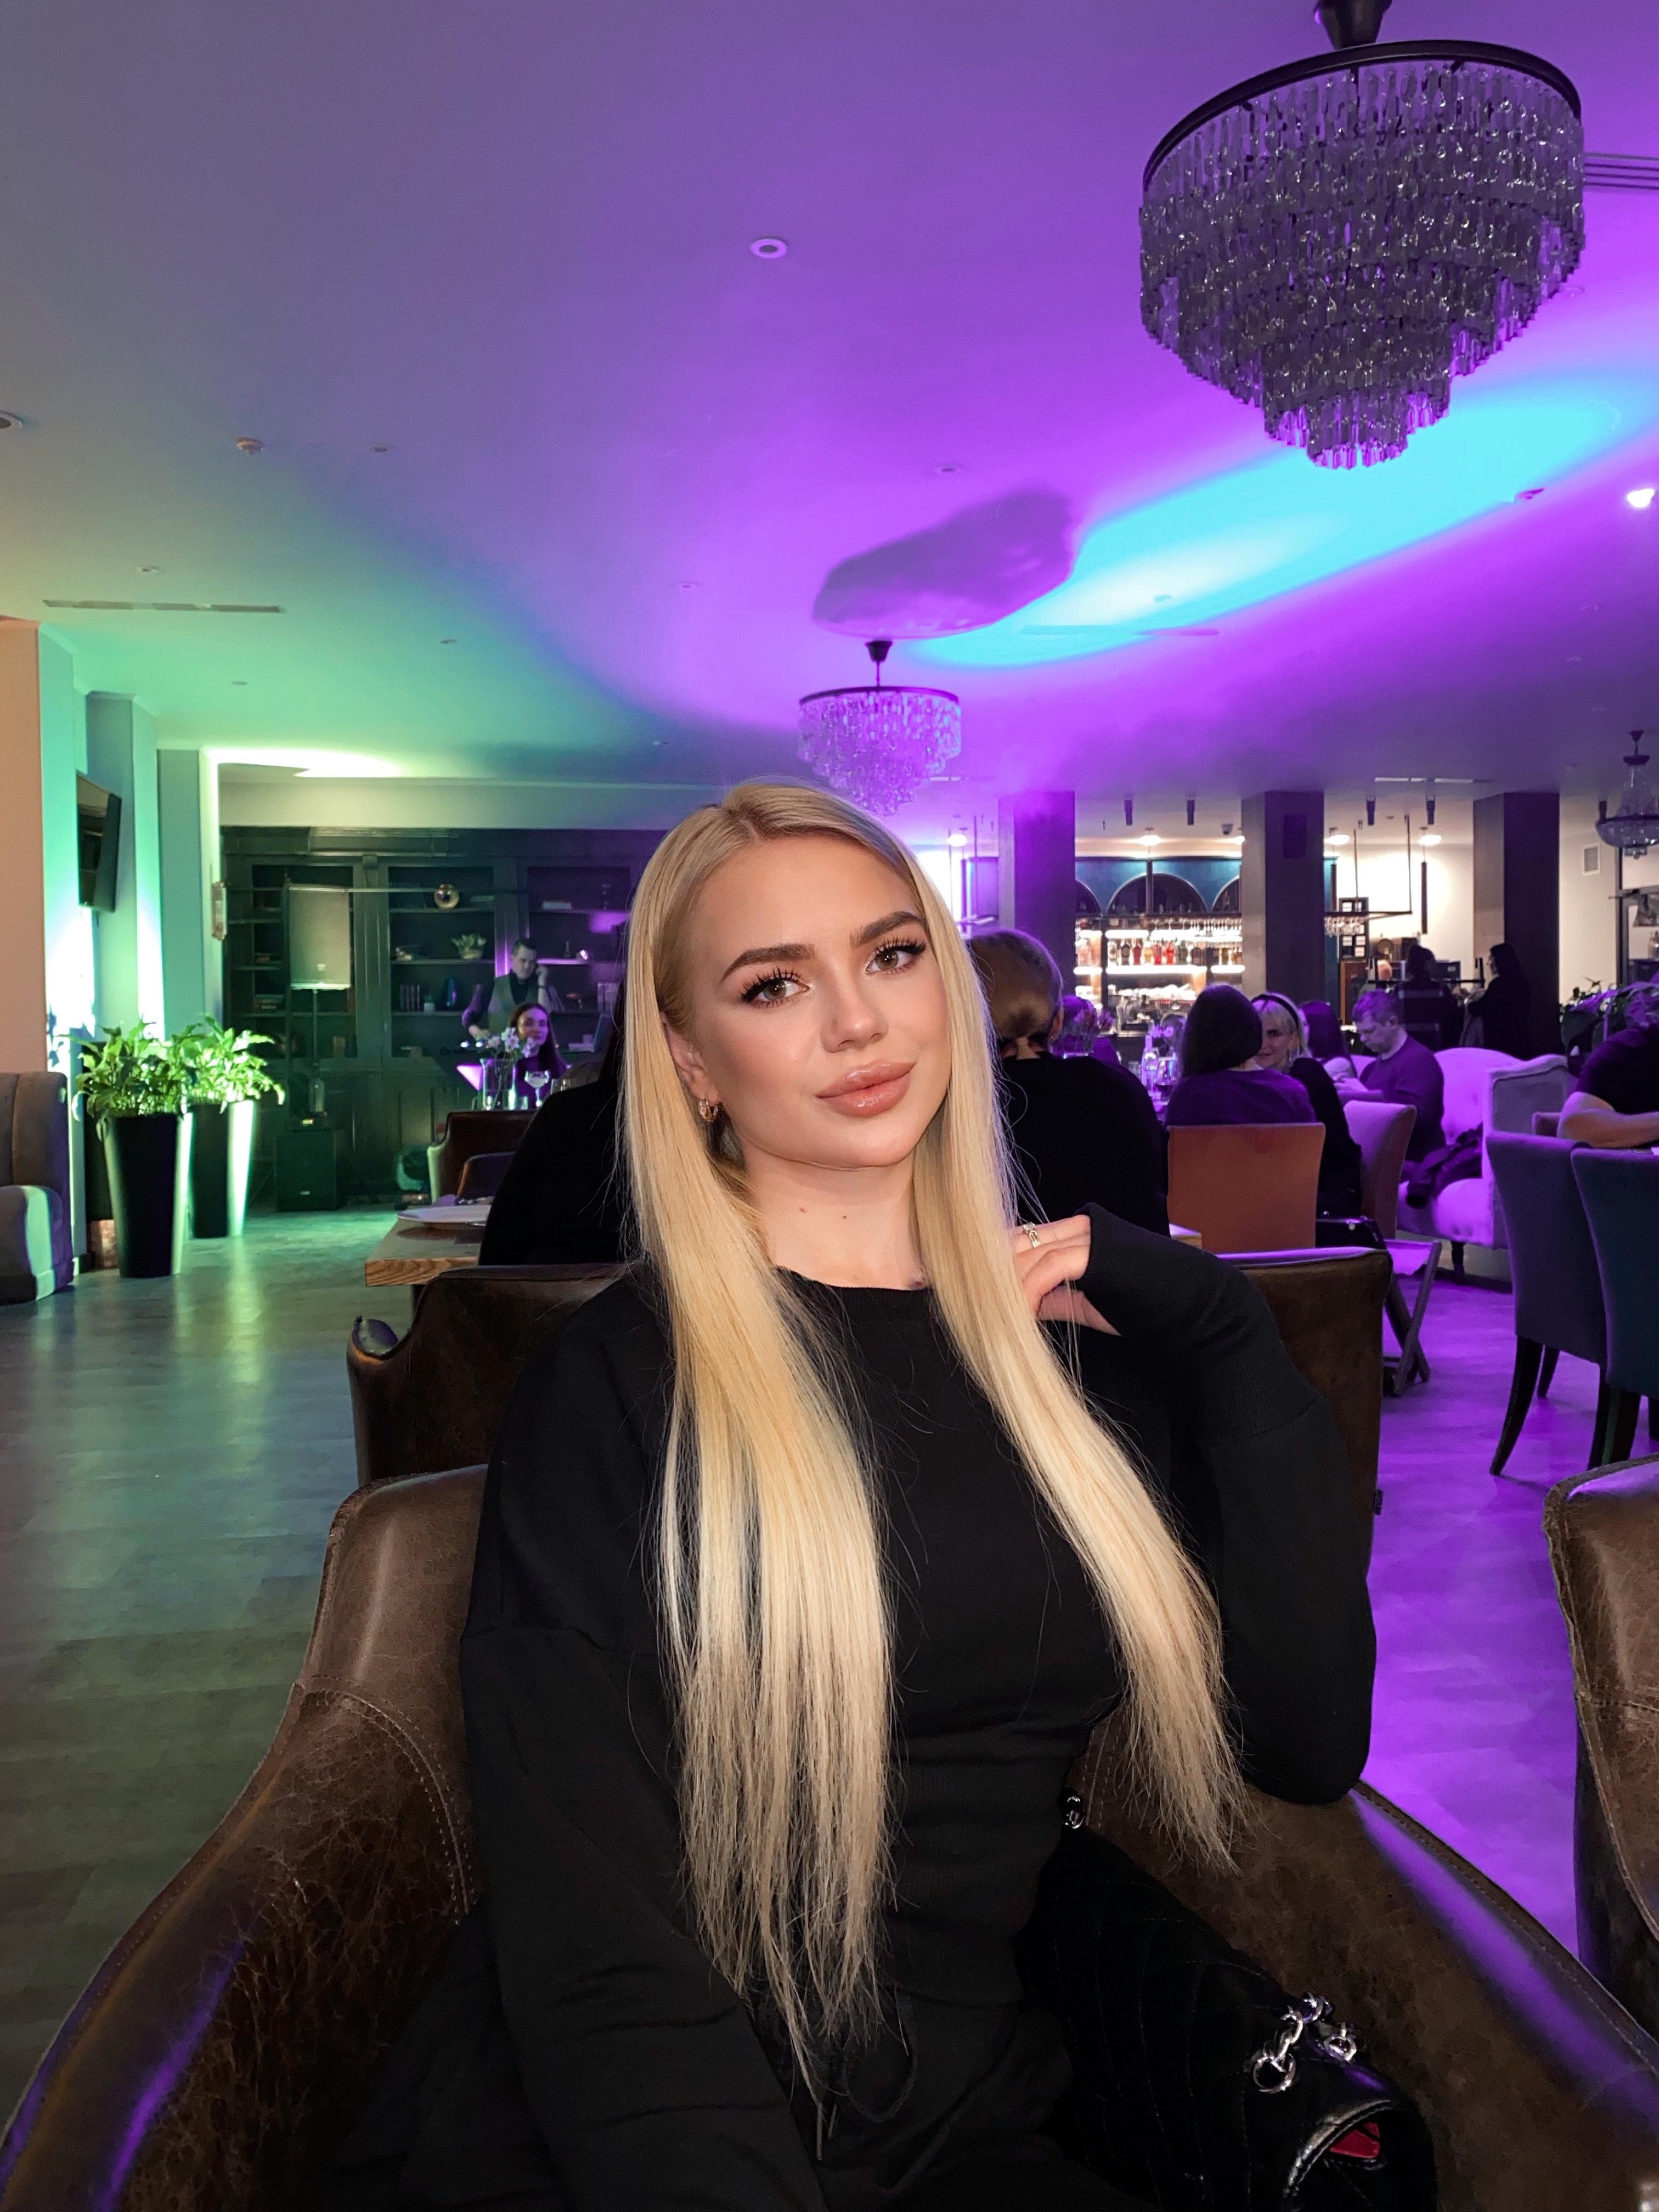 40-year-old, Single From: Khmelnitskiy, Khmelnitskiy, Other